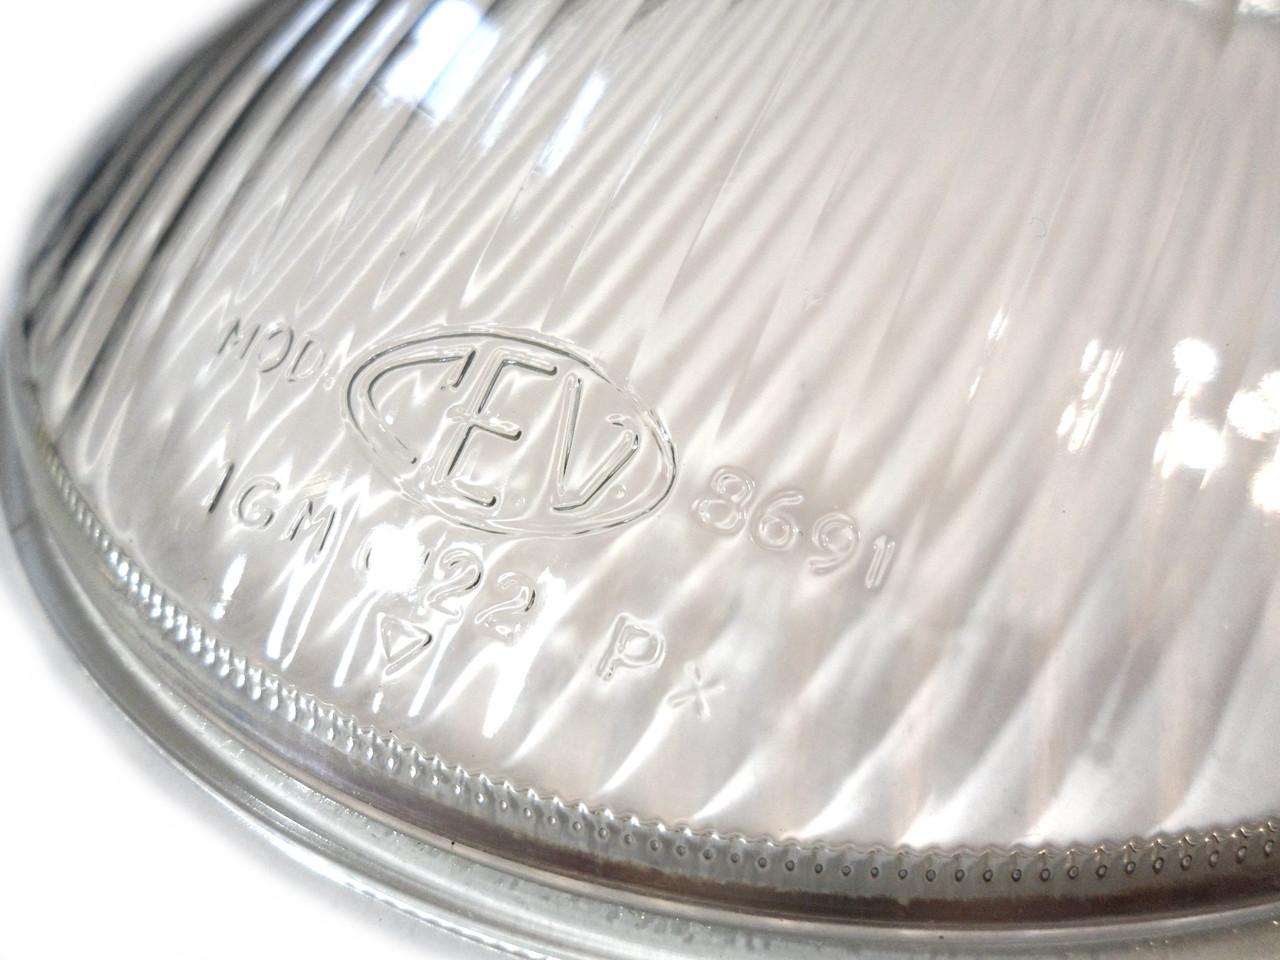 NOS CEV 8691 Glass Headlight Lens - 130mm